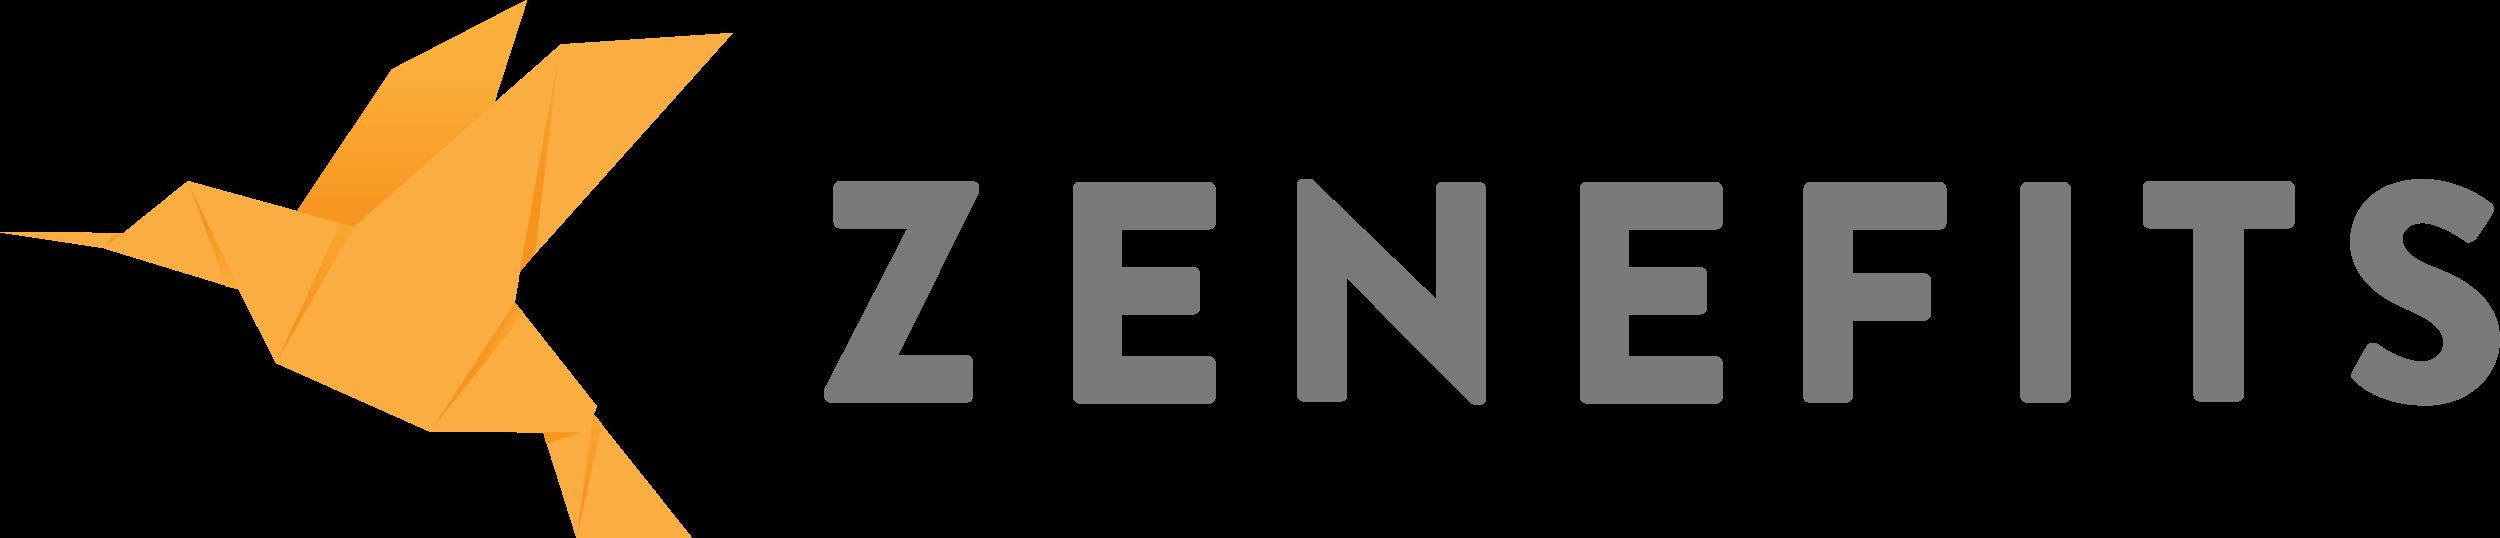 zenefits (1).png